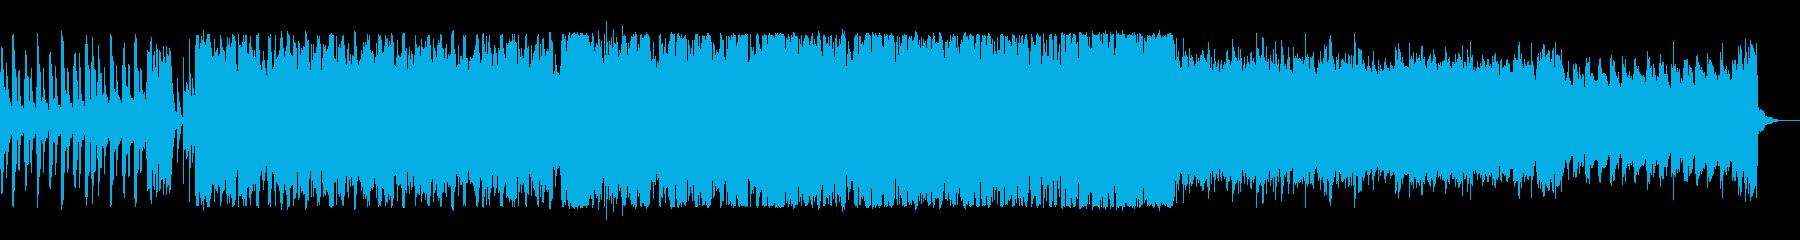 電子音が特徴的な軽快で楽しいポップスの再生済みの波形